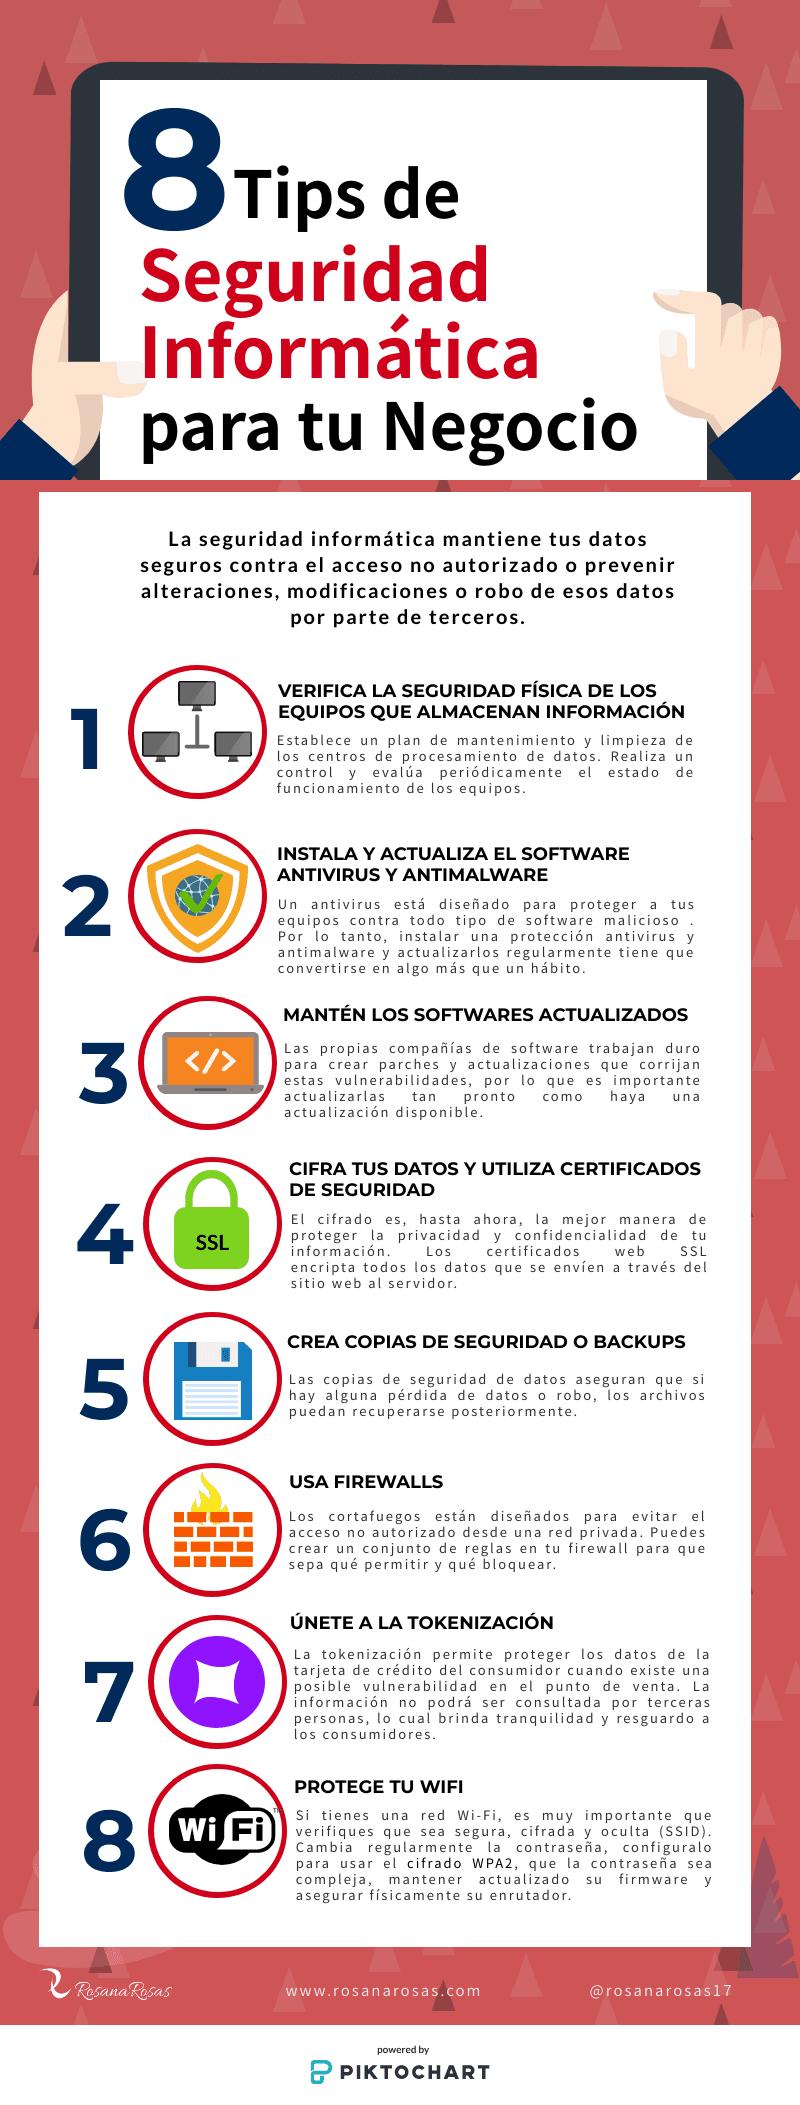 8 Tips de Seguridad Informática para tu Negocio